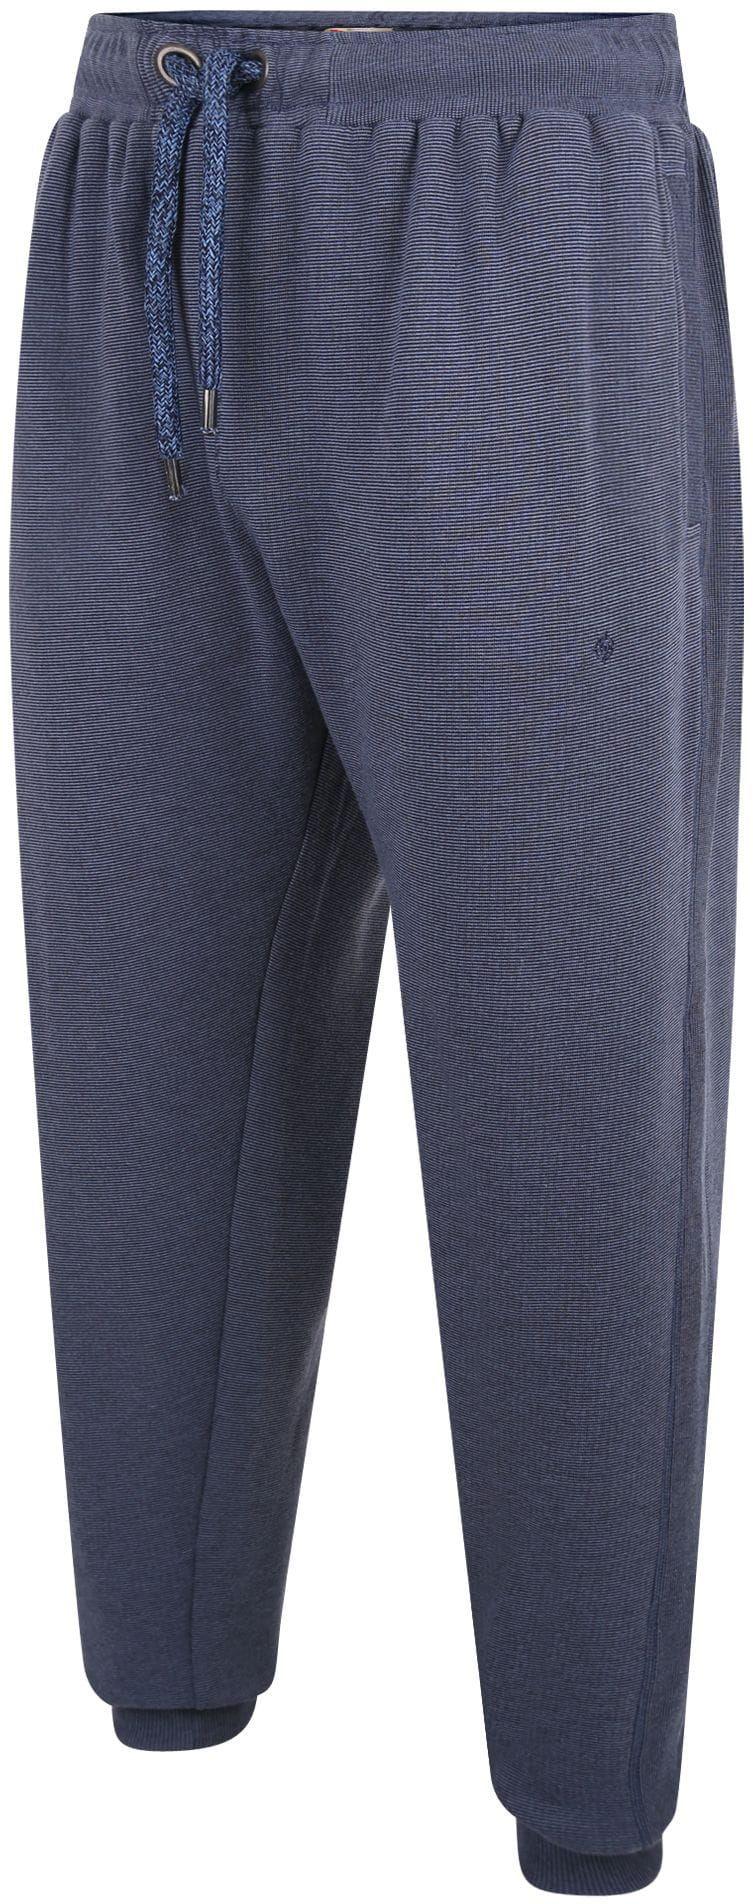 Espionage LW118 Duże Spodnie Dresowe Niebieskie